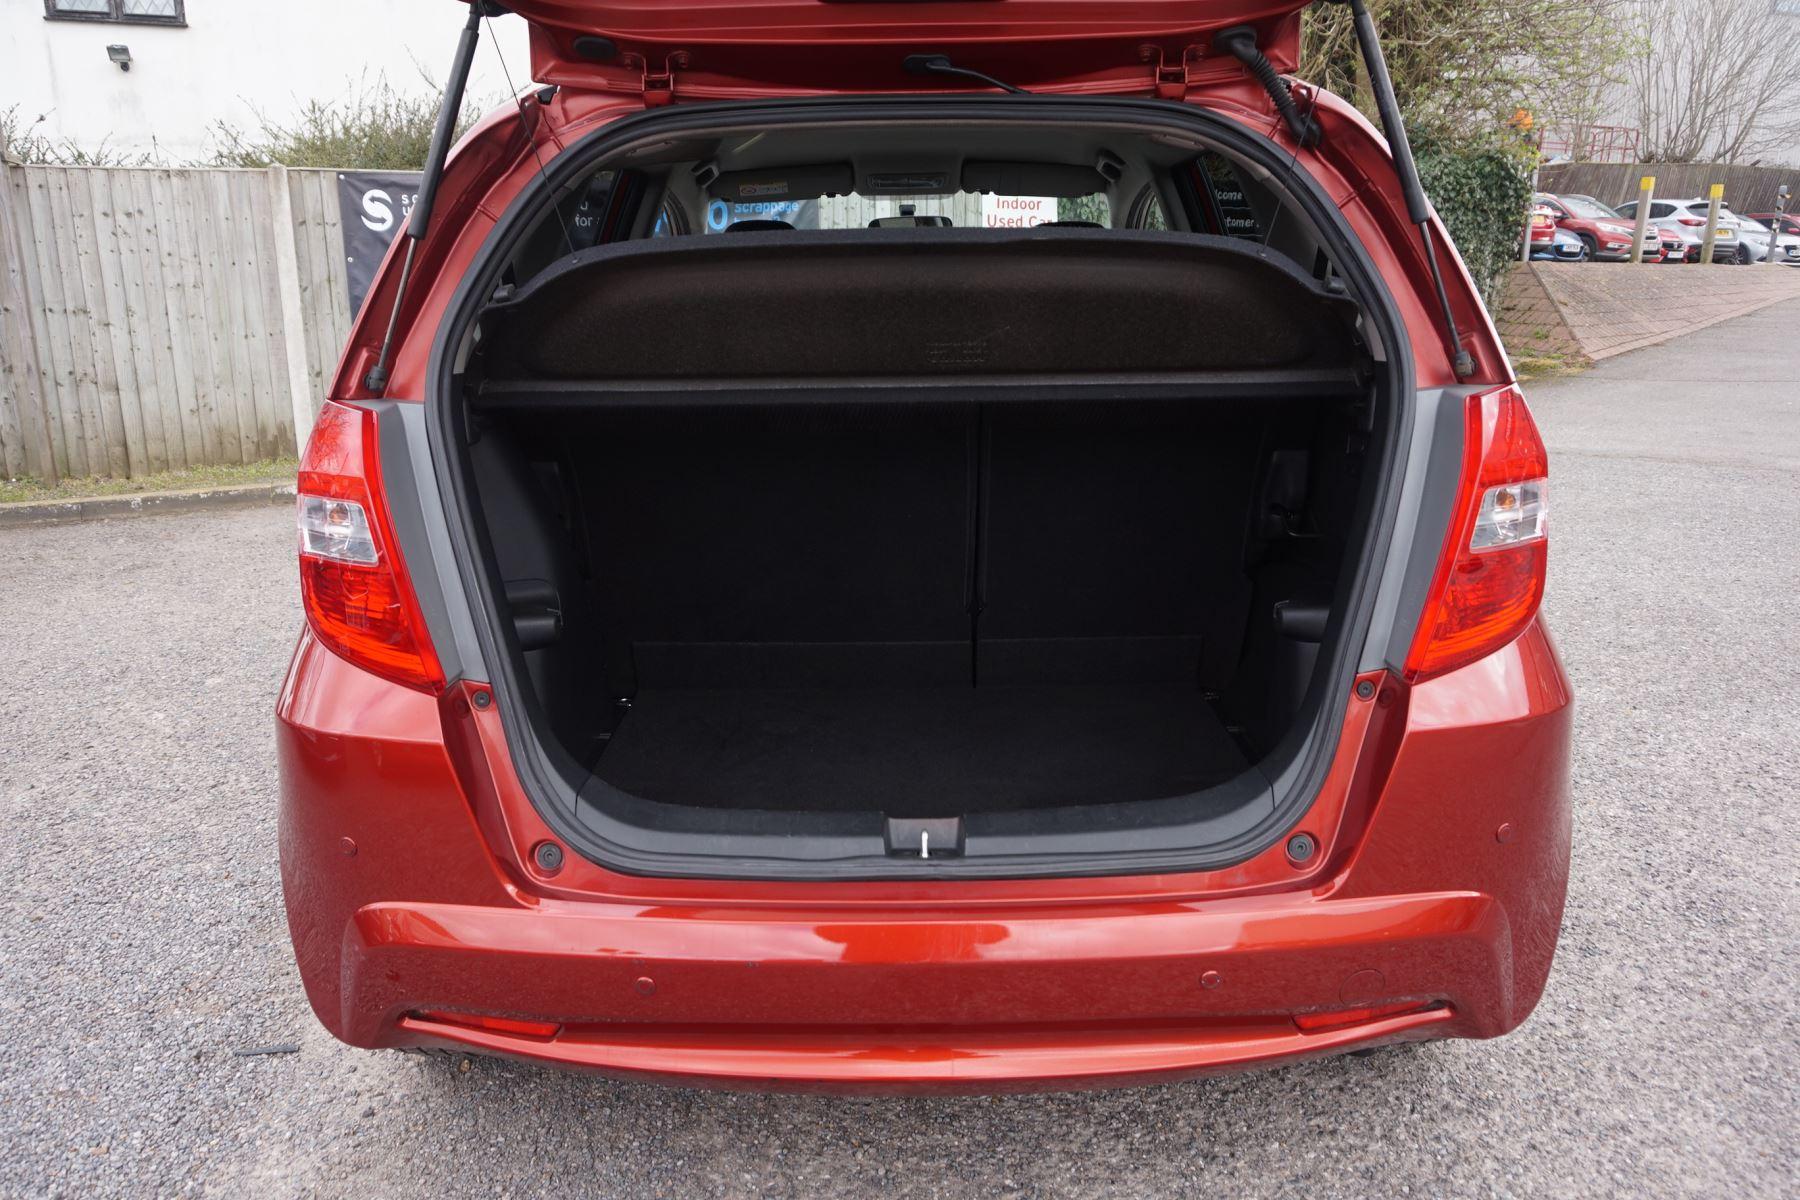 Honda Jazz 1.4 i-VTEC ES Plus CVT image 6